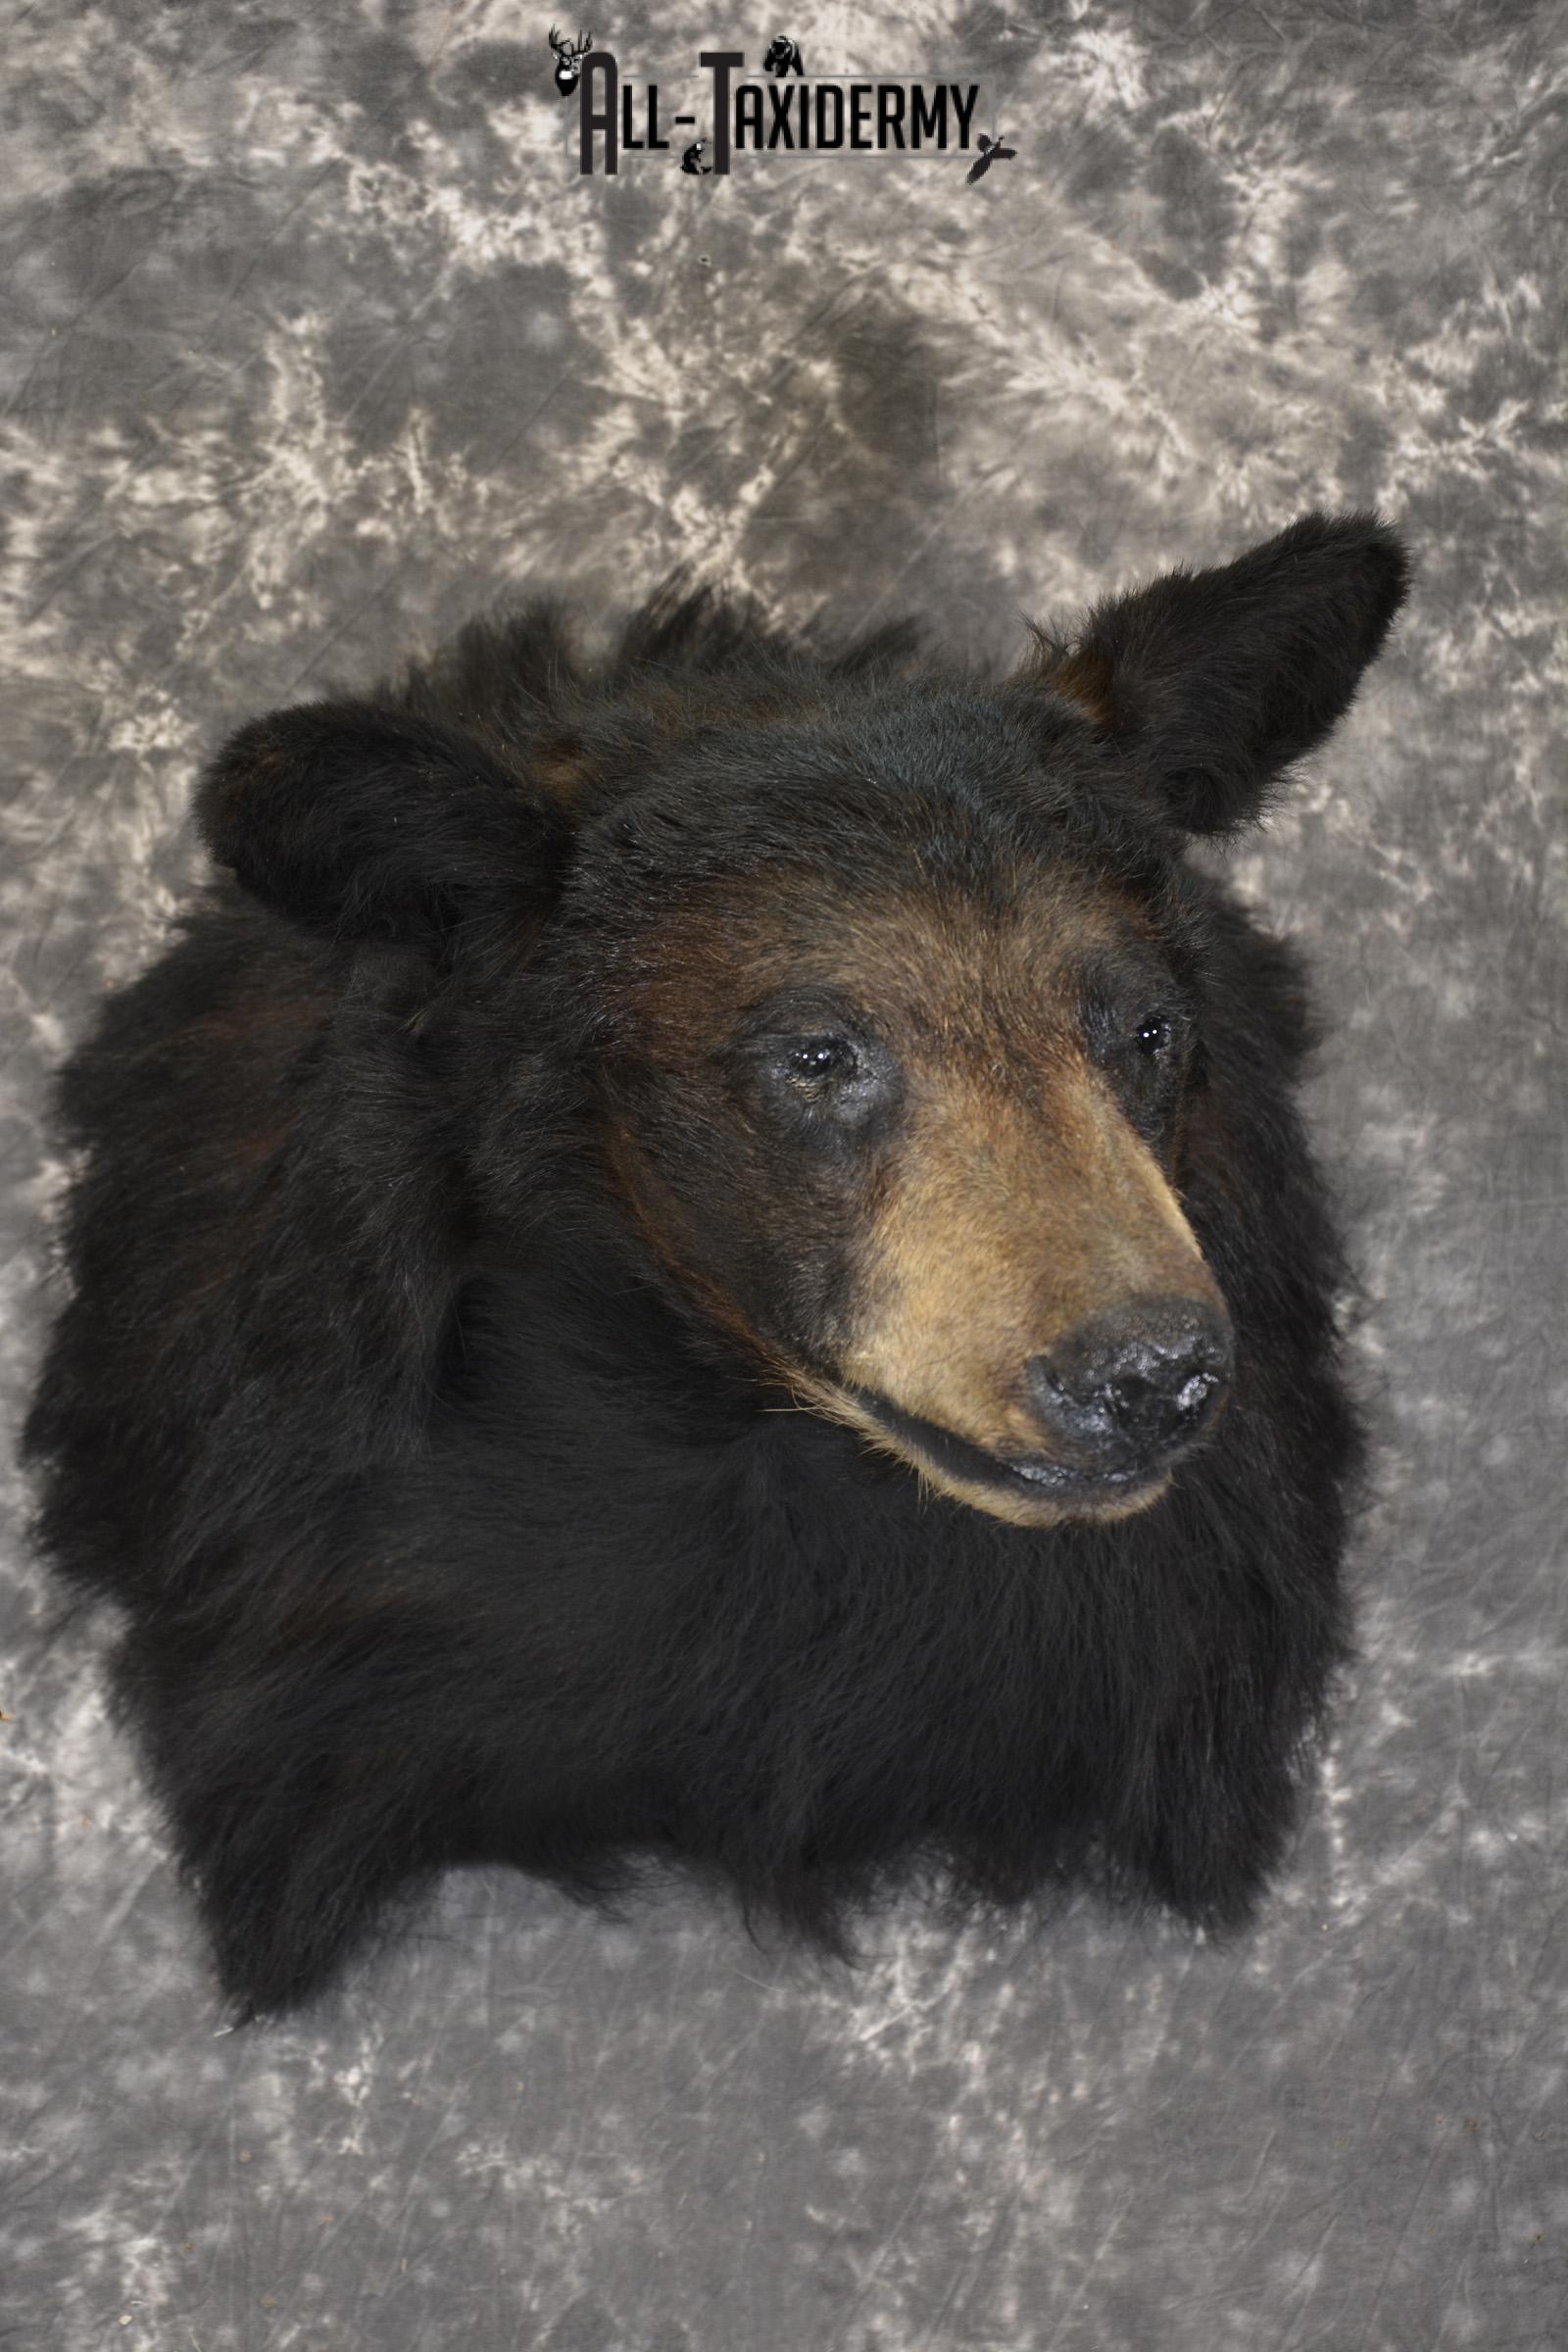 Black Bear taxidermy shoulder mount for sale SKU 1901